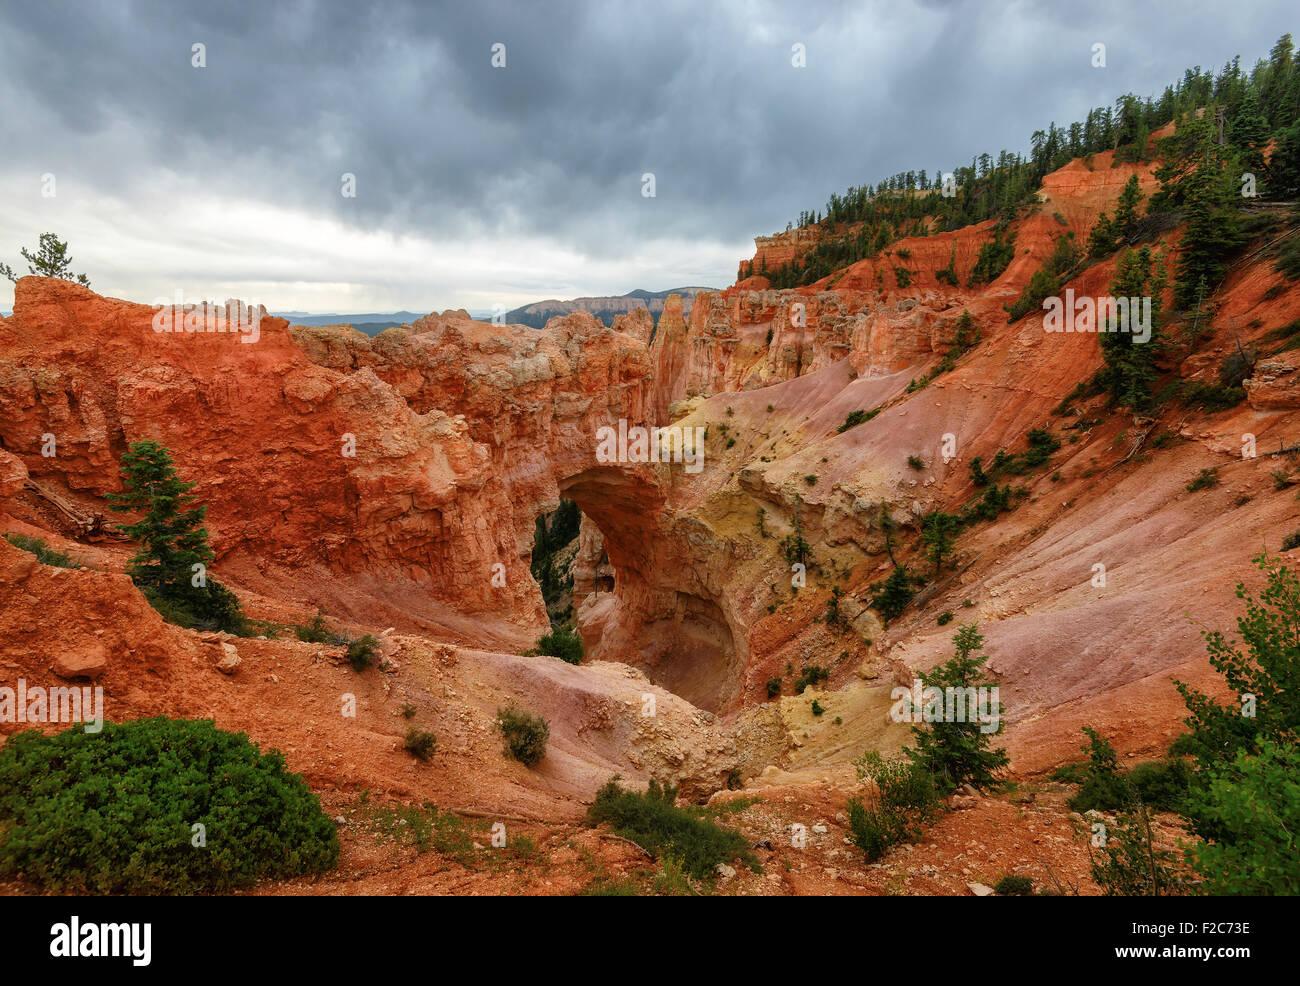 Puente de Piedra Natural/Arch en Bryce Canyon, Utah Imagen De Stock